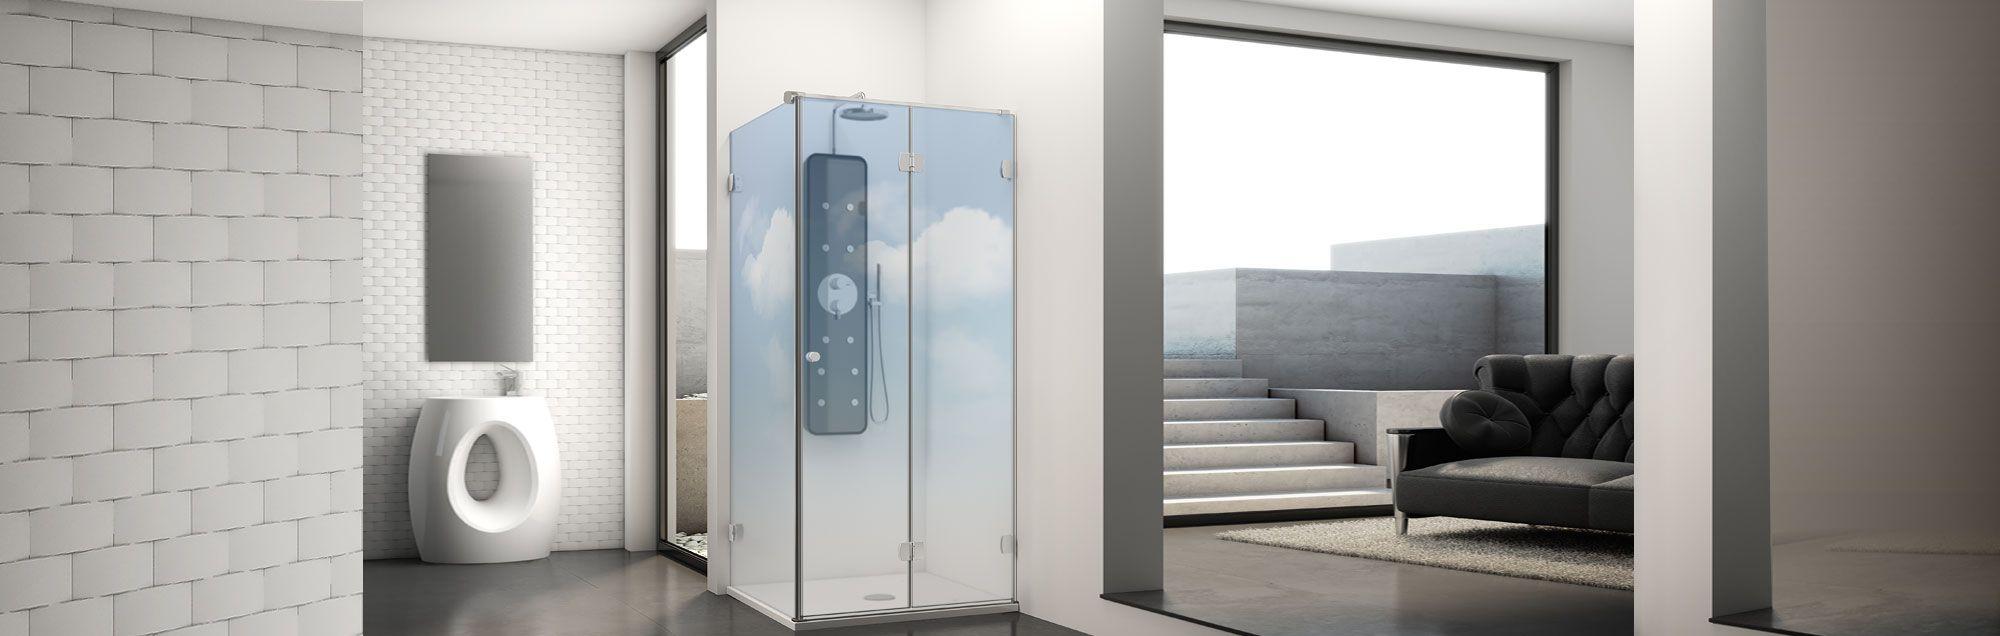 serie newglass duschw nde mit faltt ren nach ma von profiltek. Black Bedroom Furniture Sets. Home Design Ideas